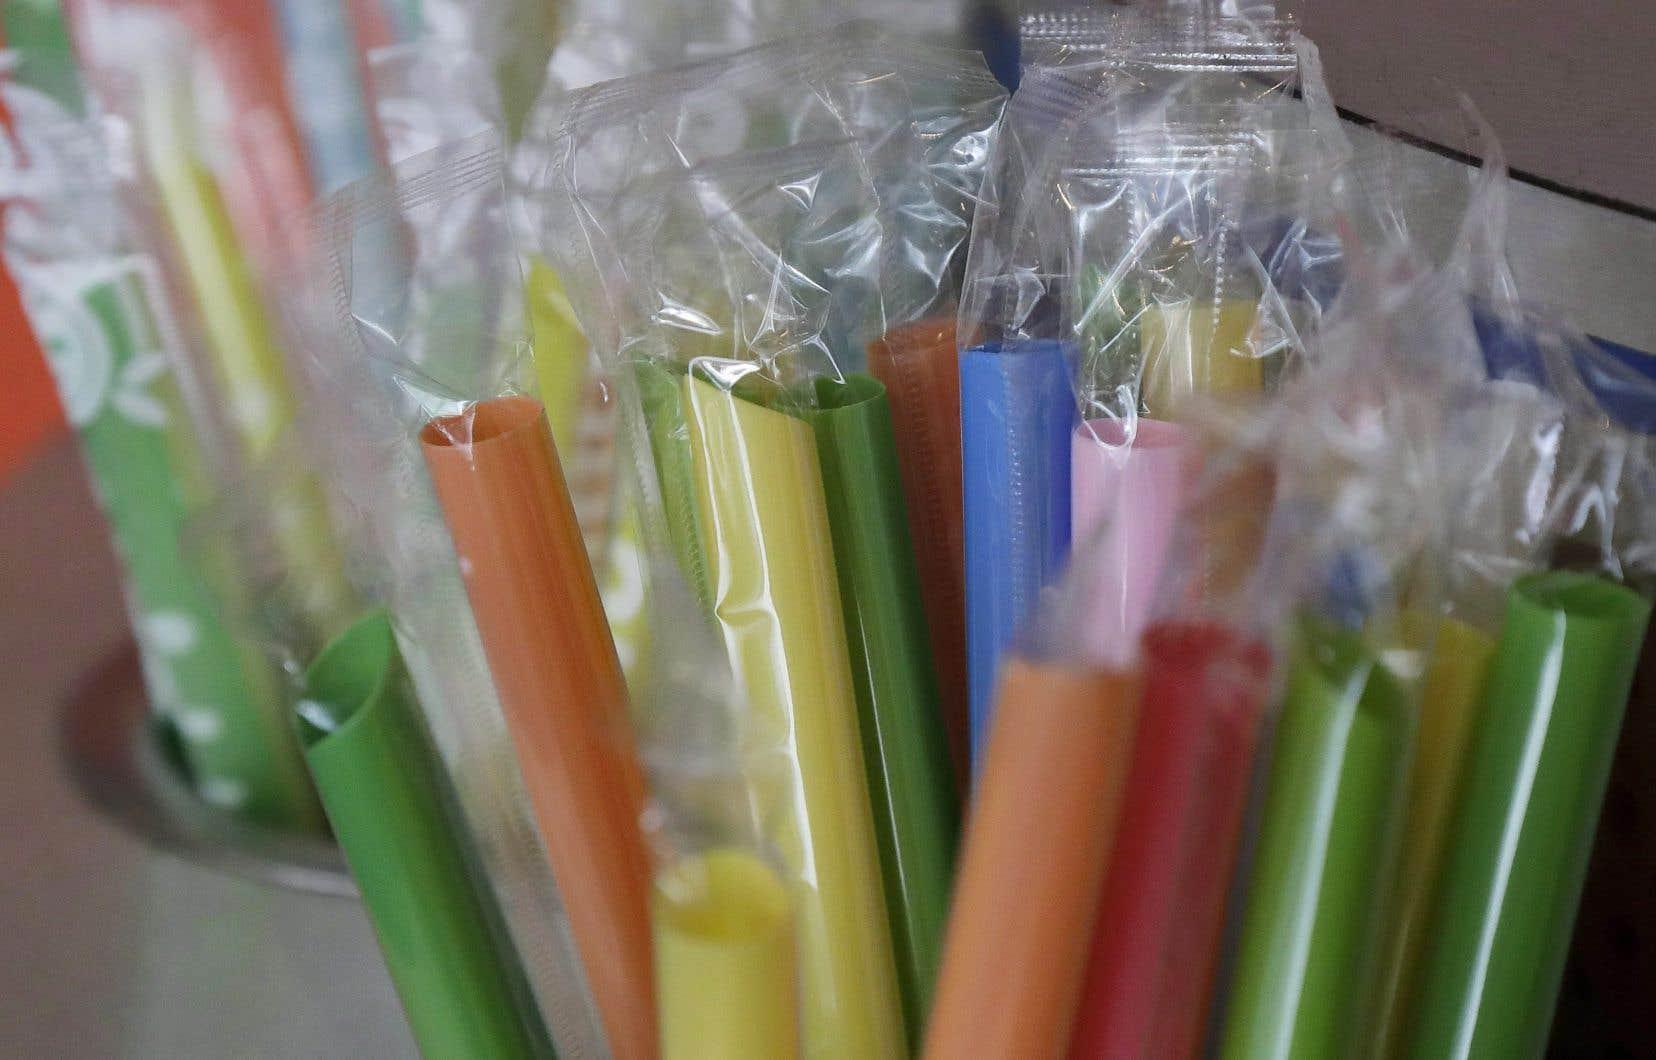 Les pailles en plastique seront interdites dans l'Union européenne.